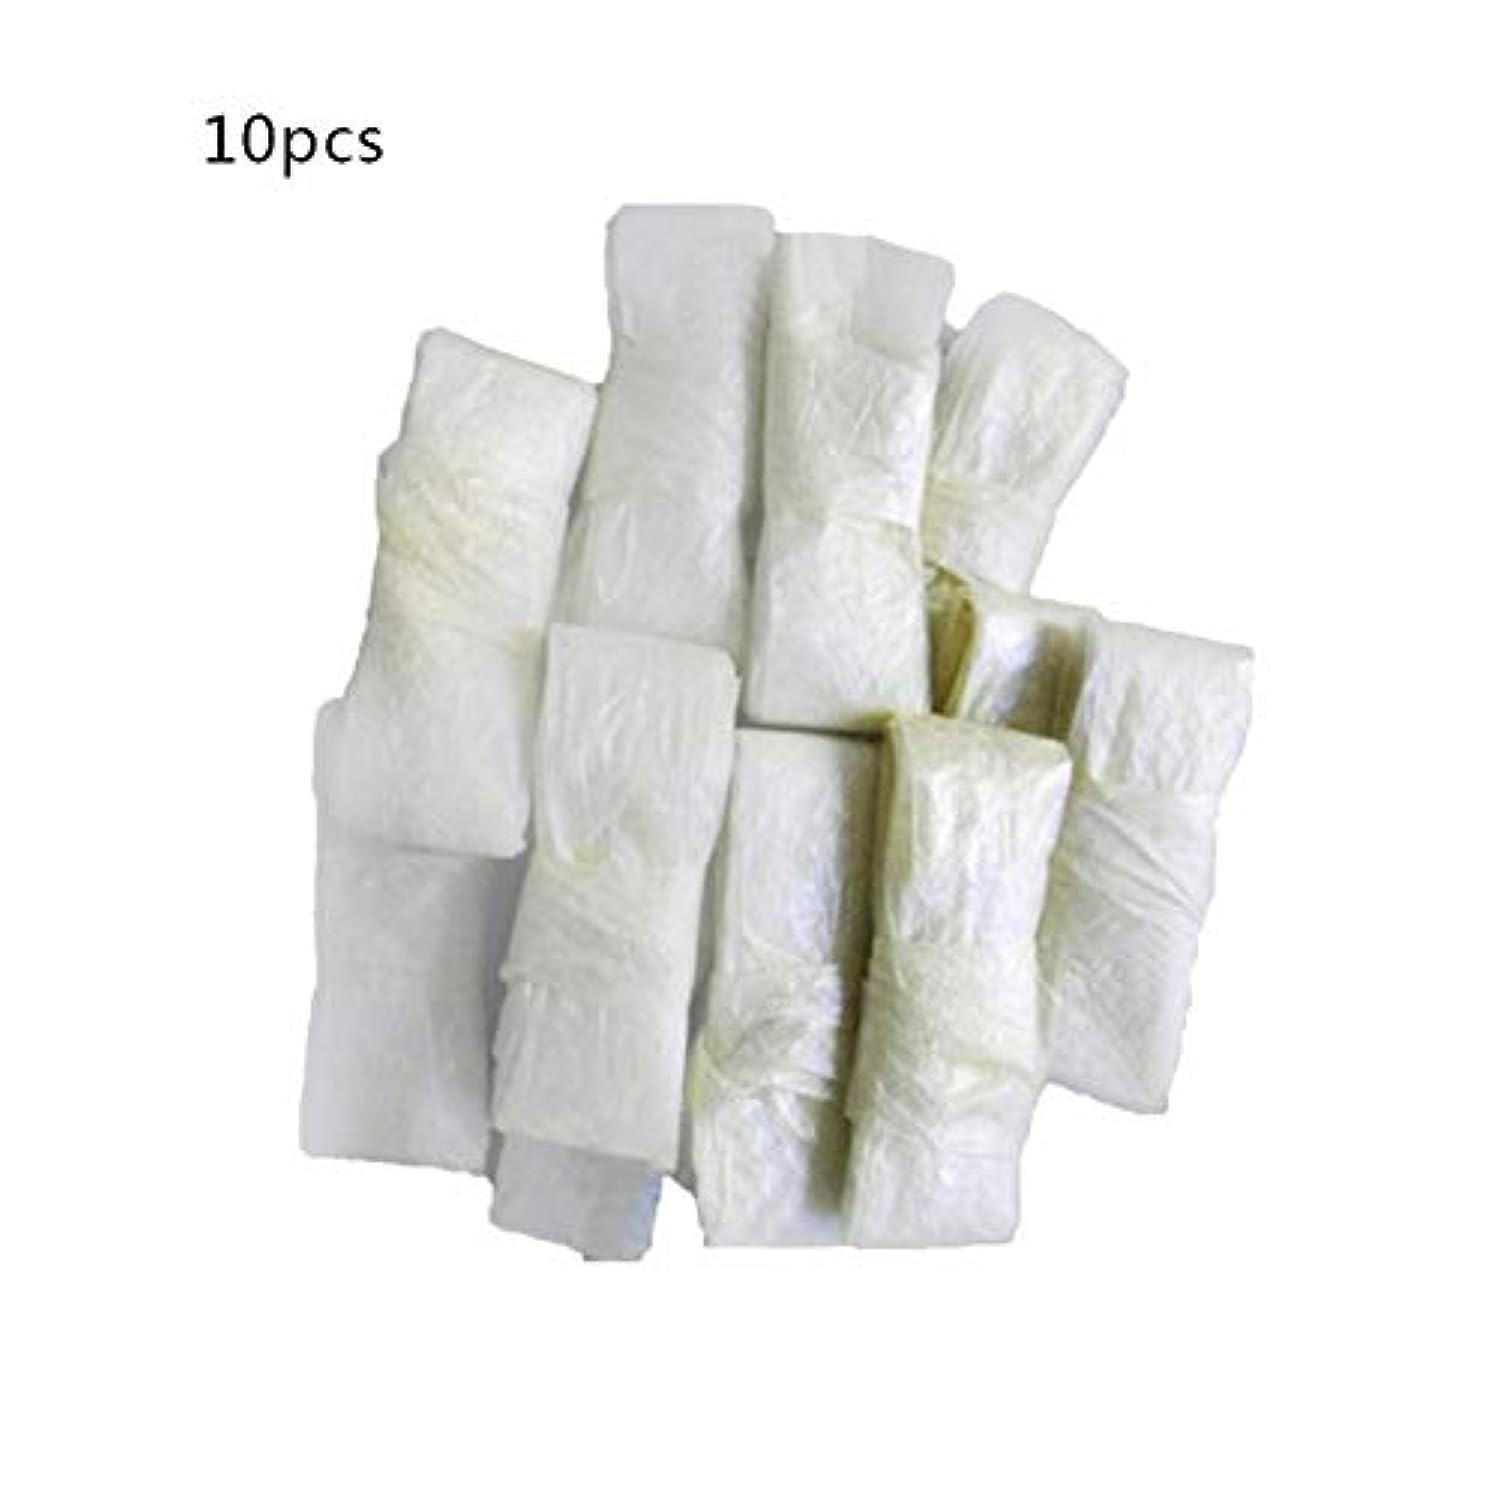 撤退文化蒸ドライケーシングドライ羊ソーセージスモールスタイル家庭用ソーセージサラミ広東ソーセージソーセージメーカー卸売 - ホワイト